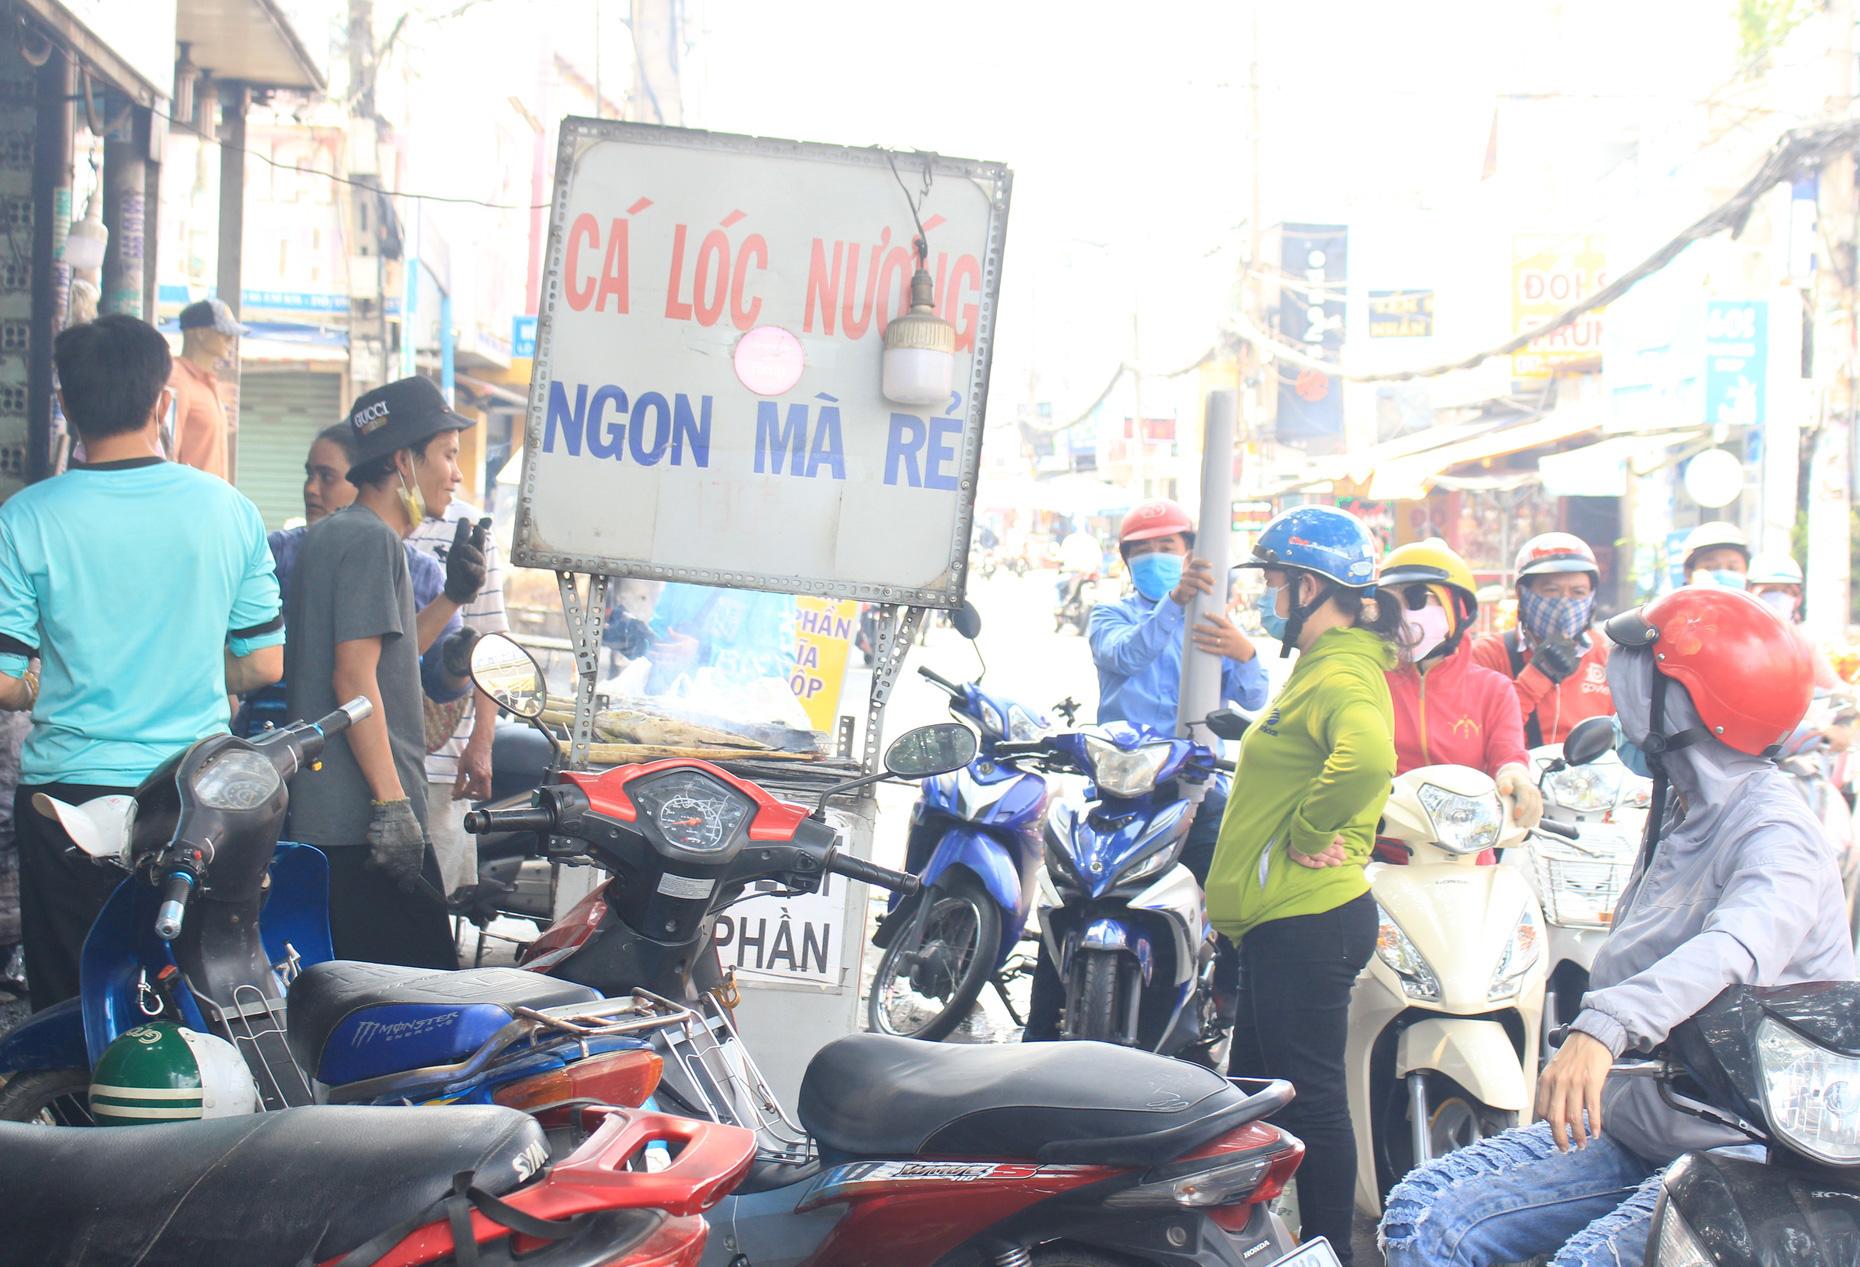 Chuẩn bị 3,5 tấn cá lóc nướng ngày vía Thần tài nhưng vẫn lo không đủ bán ở Sài Gòn - Ảnh 2.